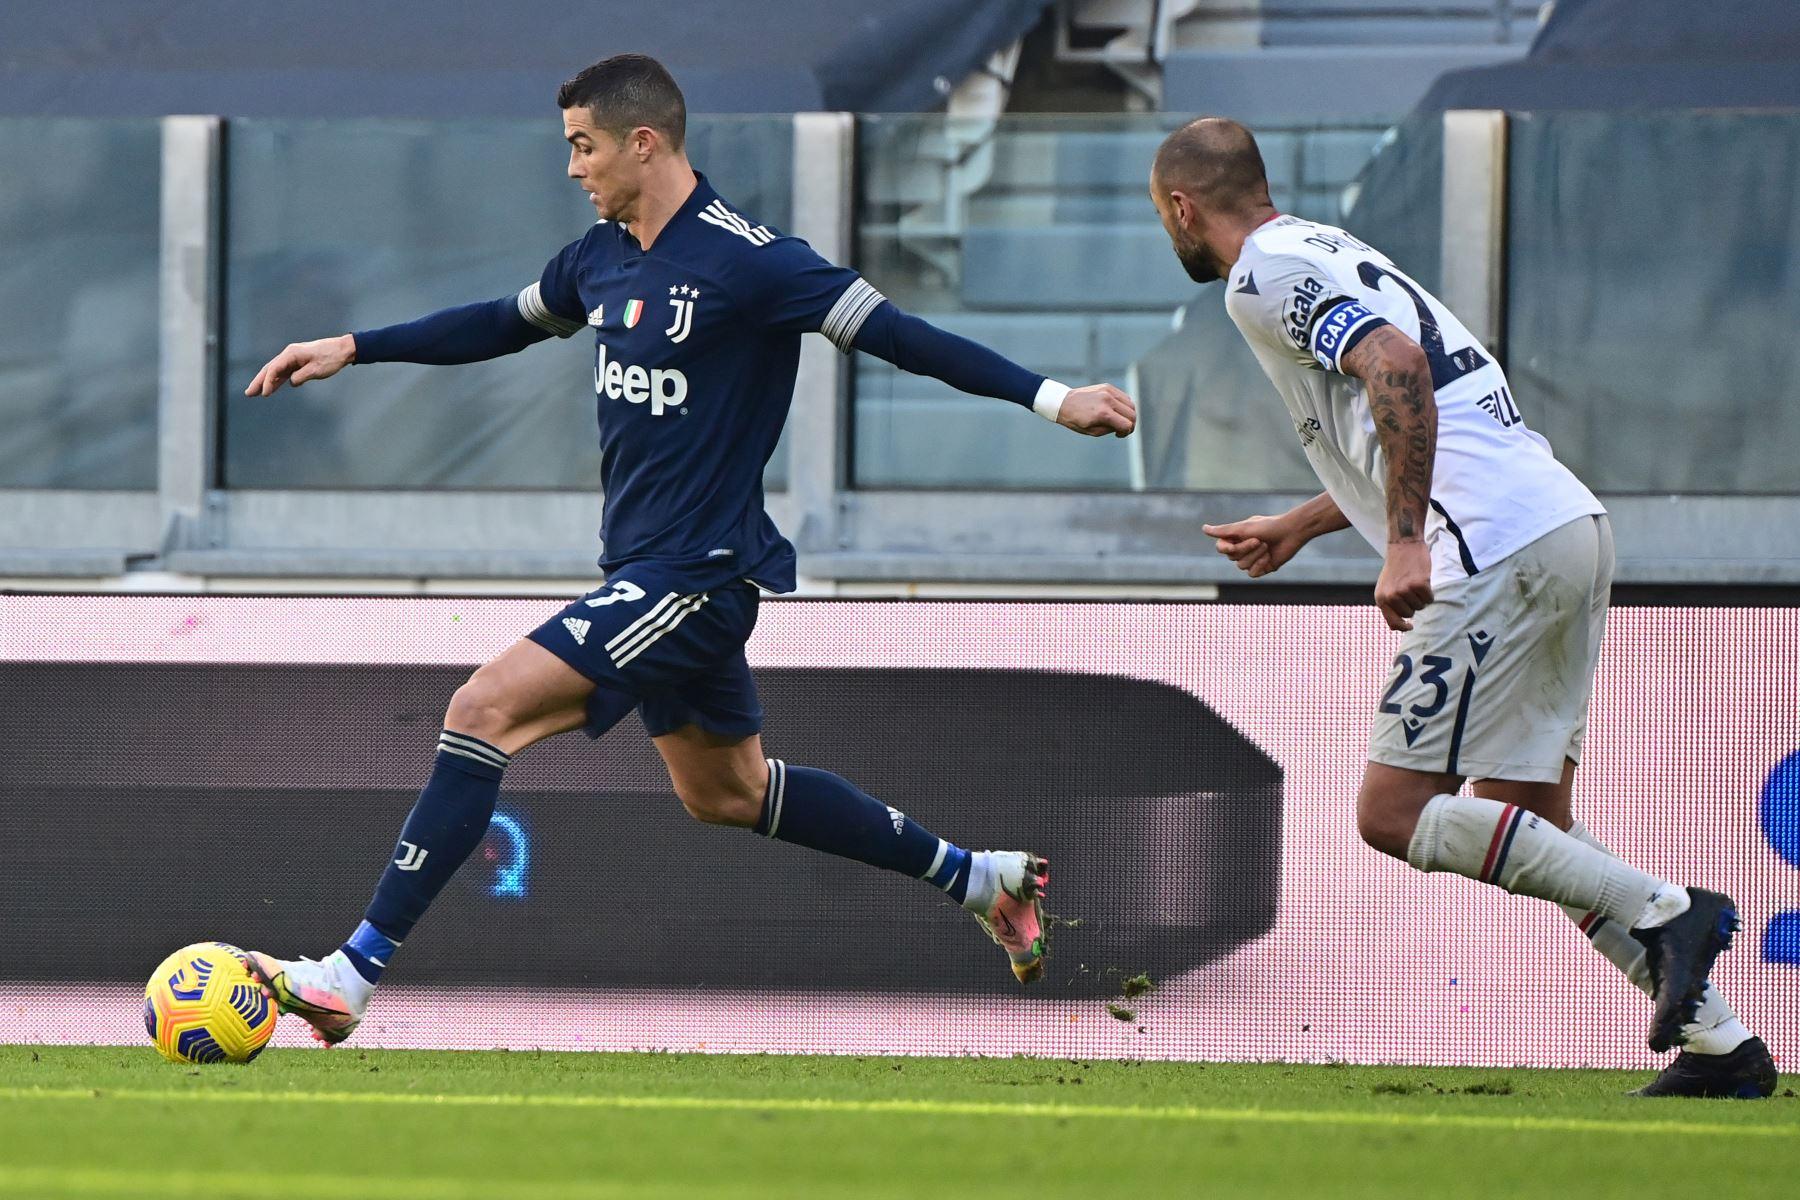 El delantero portugués de la Juventus, Cristiano Ronaldo, desafía al defensor brasileño de Bolonia Danilo durante el partido de fútbol de la Serie A italiana Juventus vs Bologna en el estadio de la Juventus en Turín.  Foto.  AFP